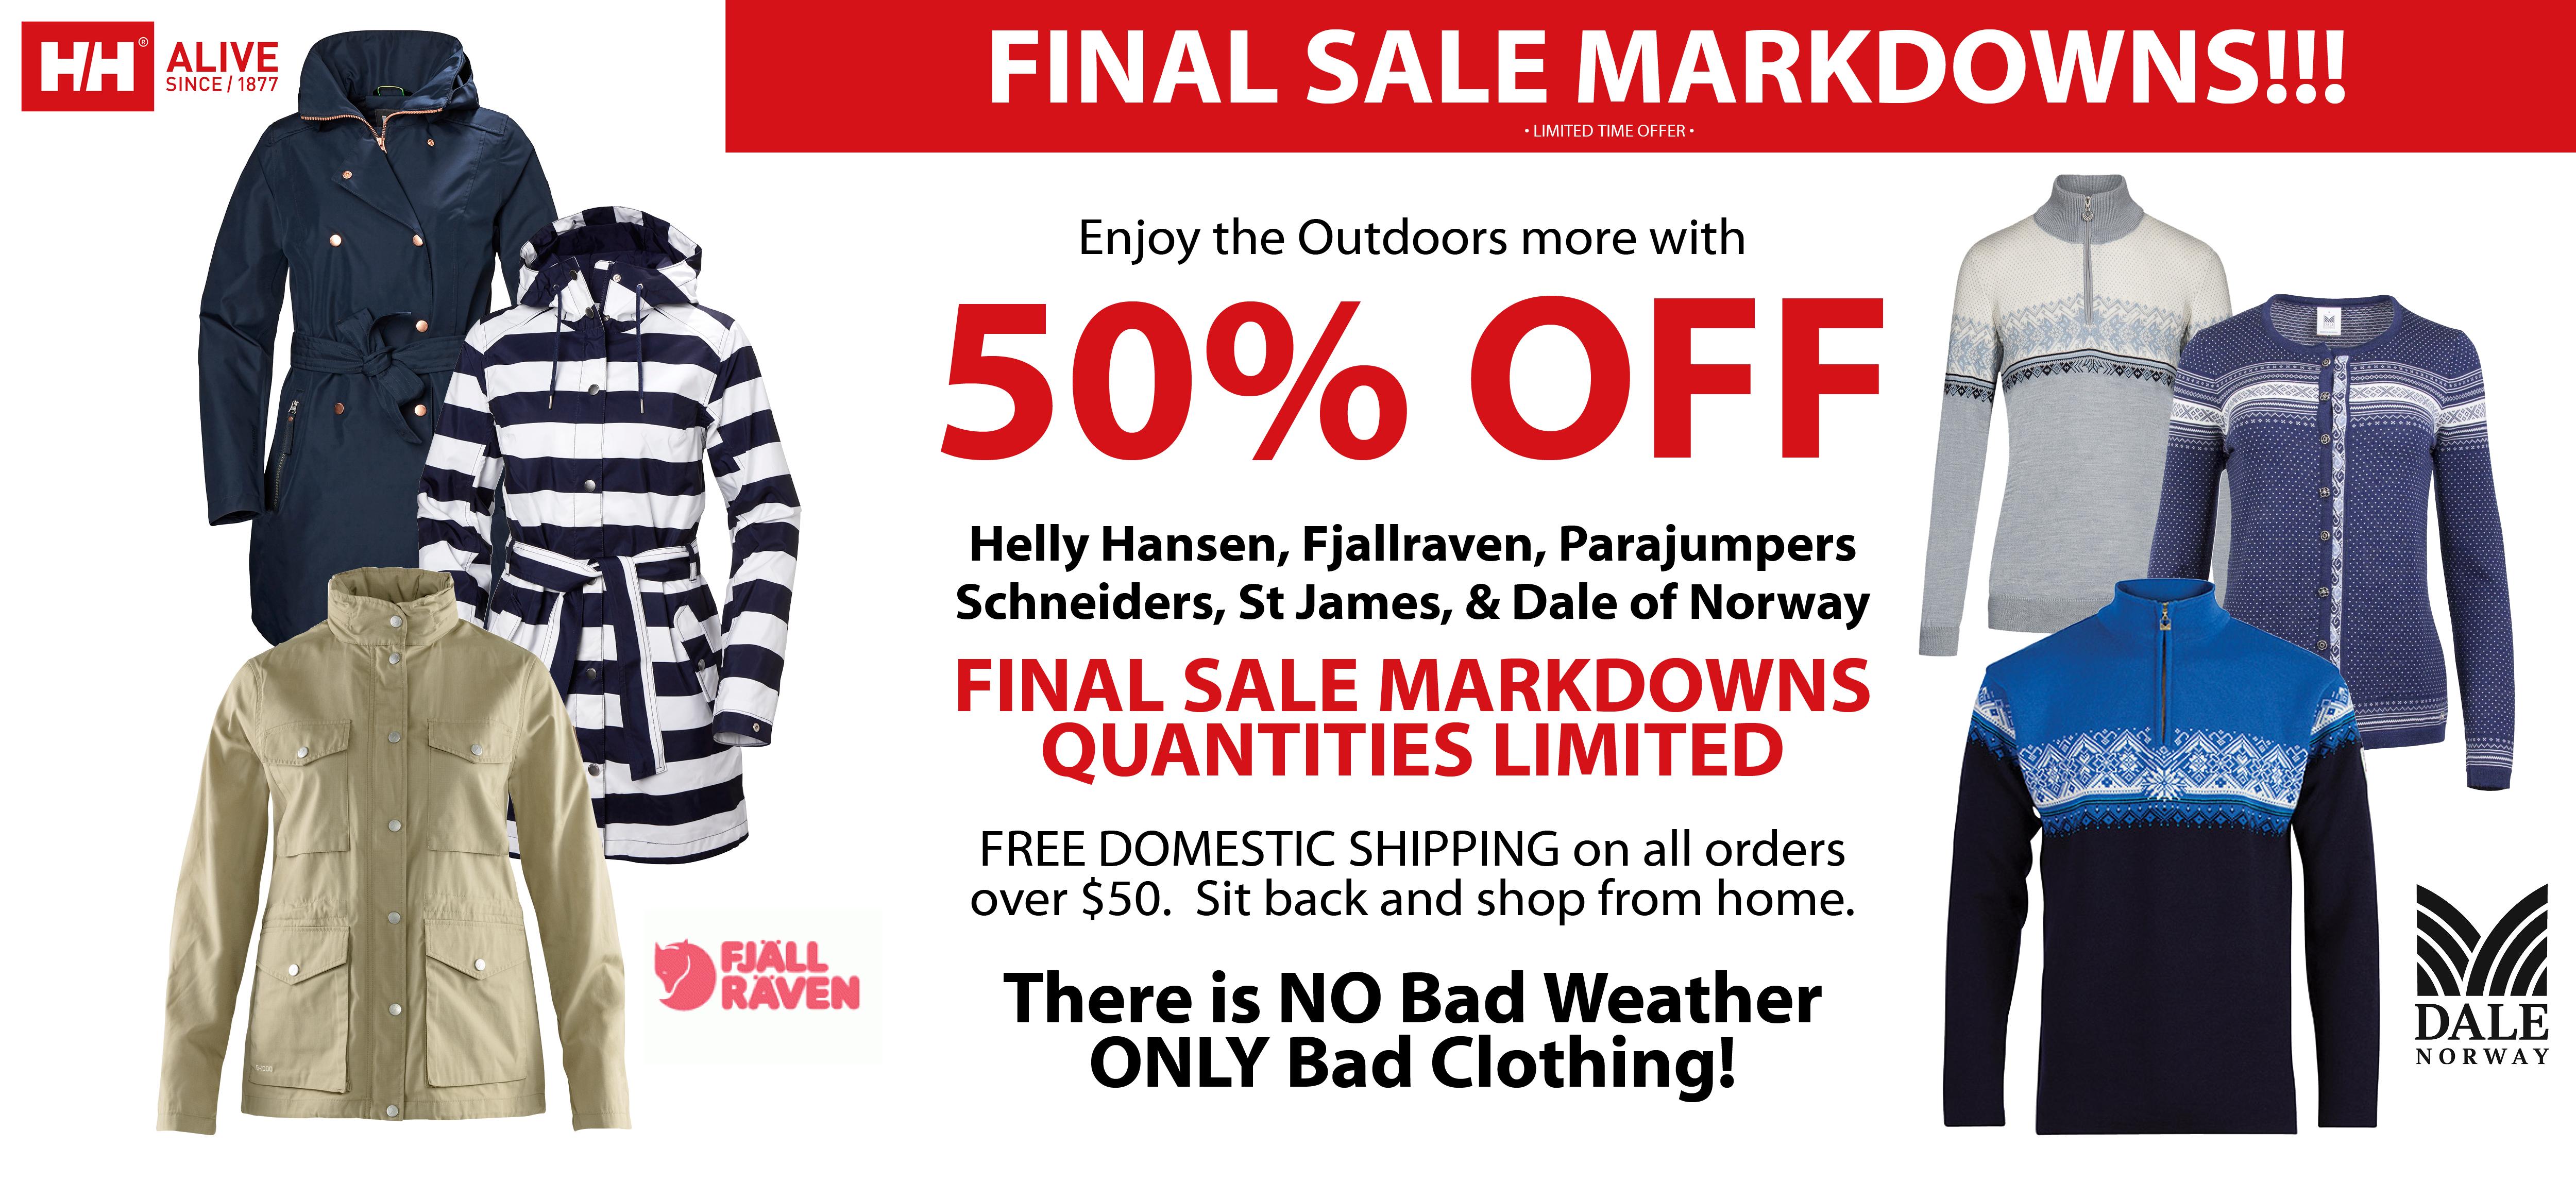 Helly Hansen Sale, Parajumpers Sale, Saint James Sale, Oleana Sale, Fjallraven Sale, Dale of Norway Sale, Dale Sale, Schneiders Sale